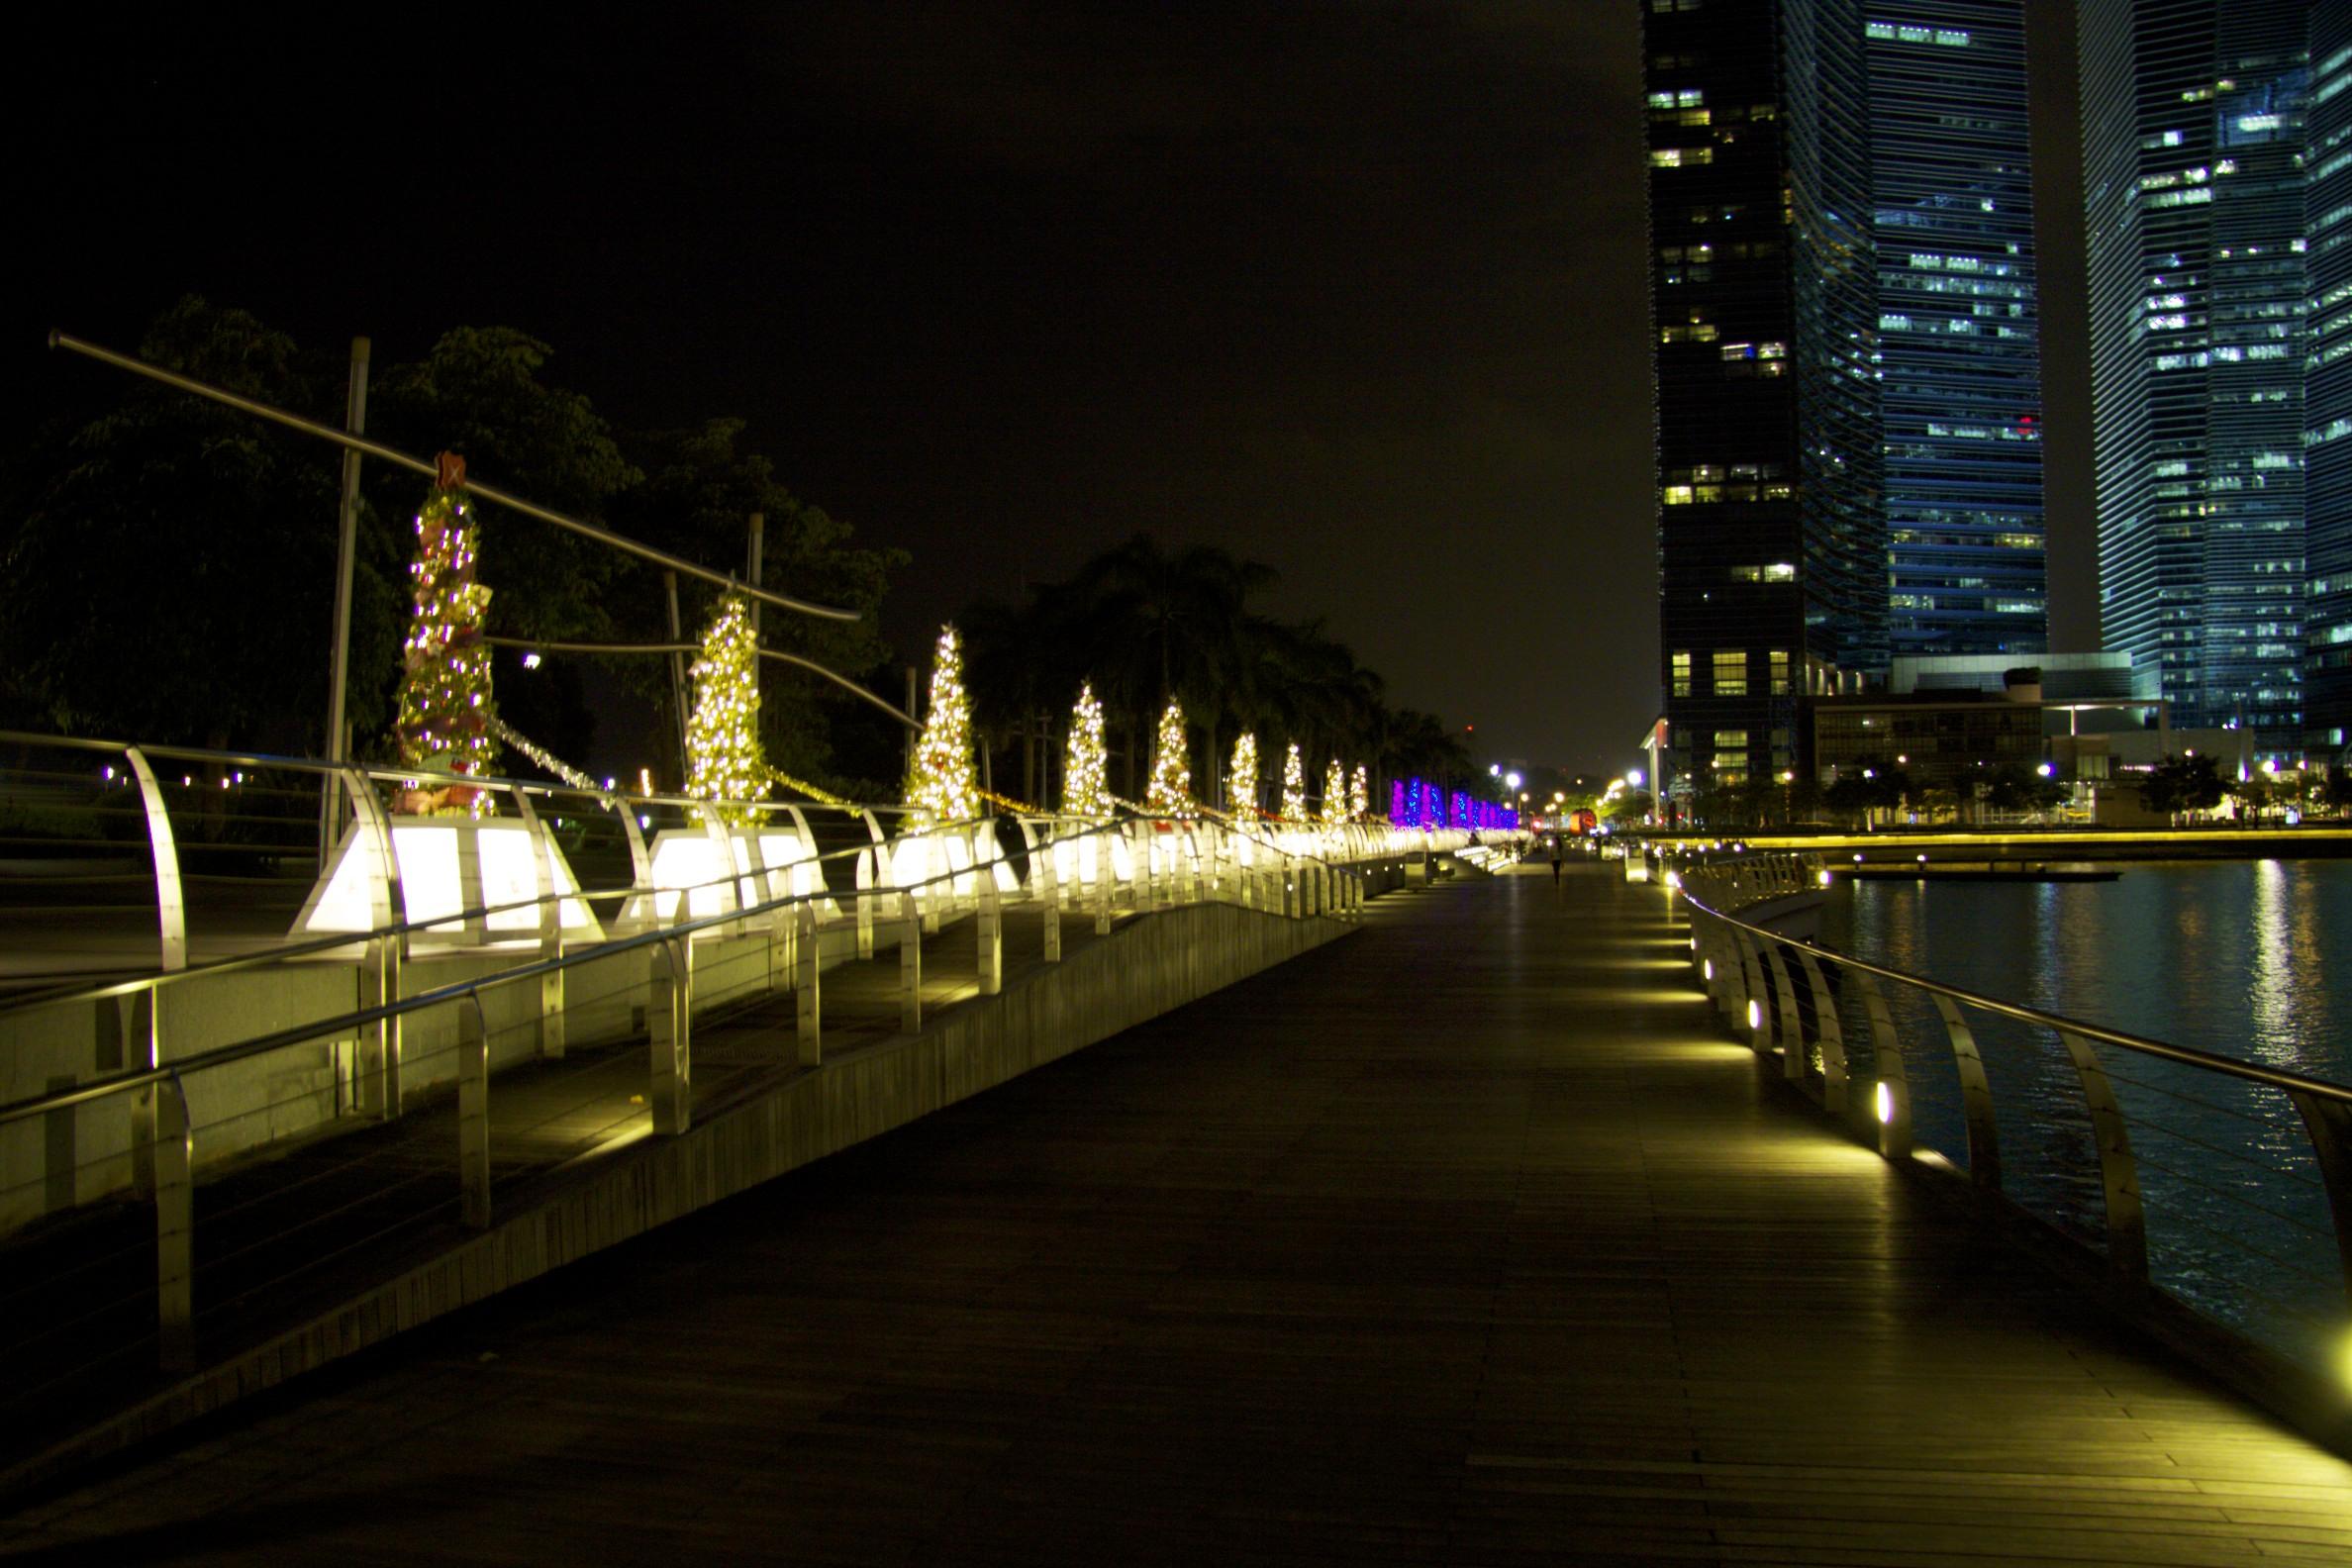 Il deserto a Singapore